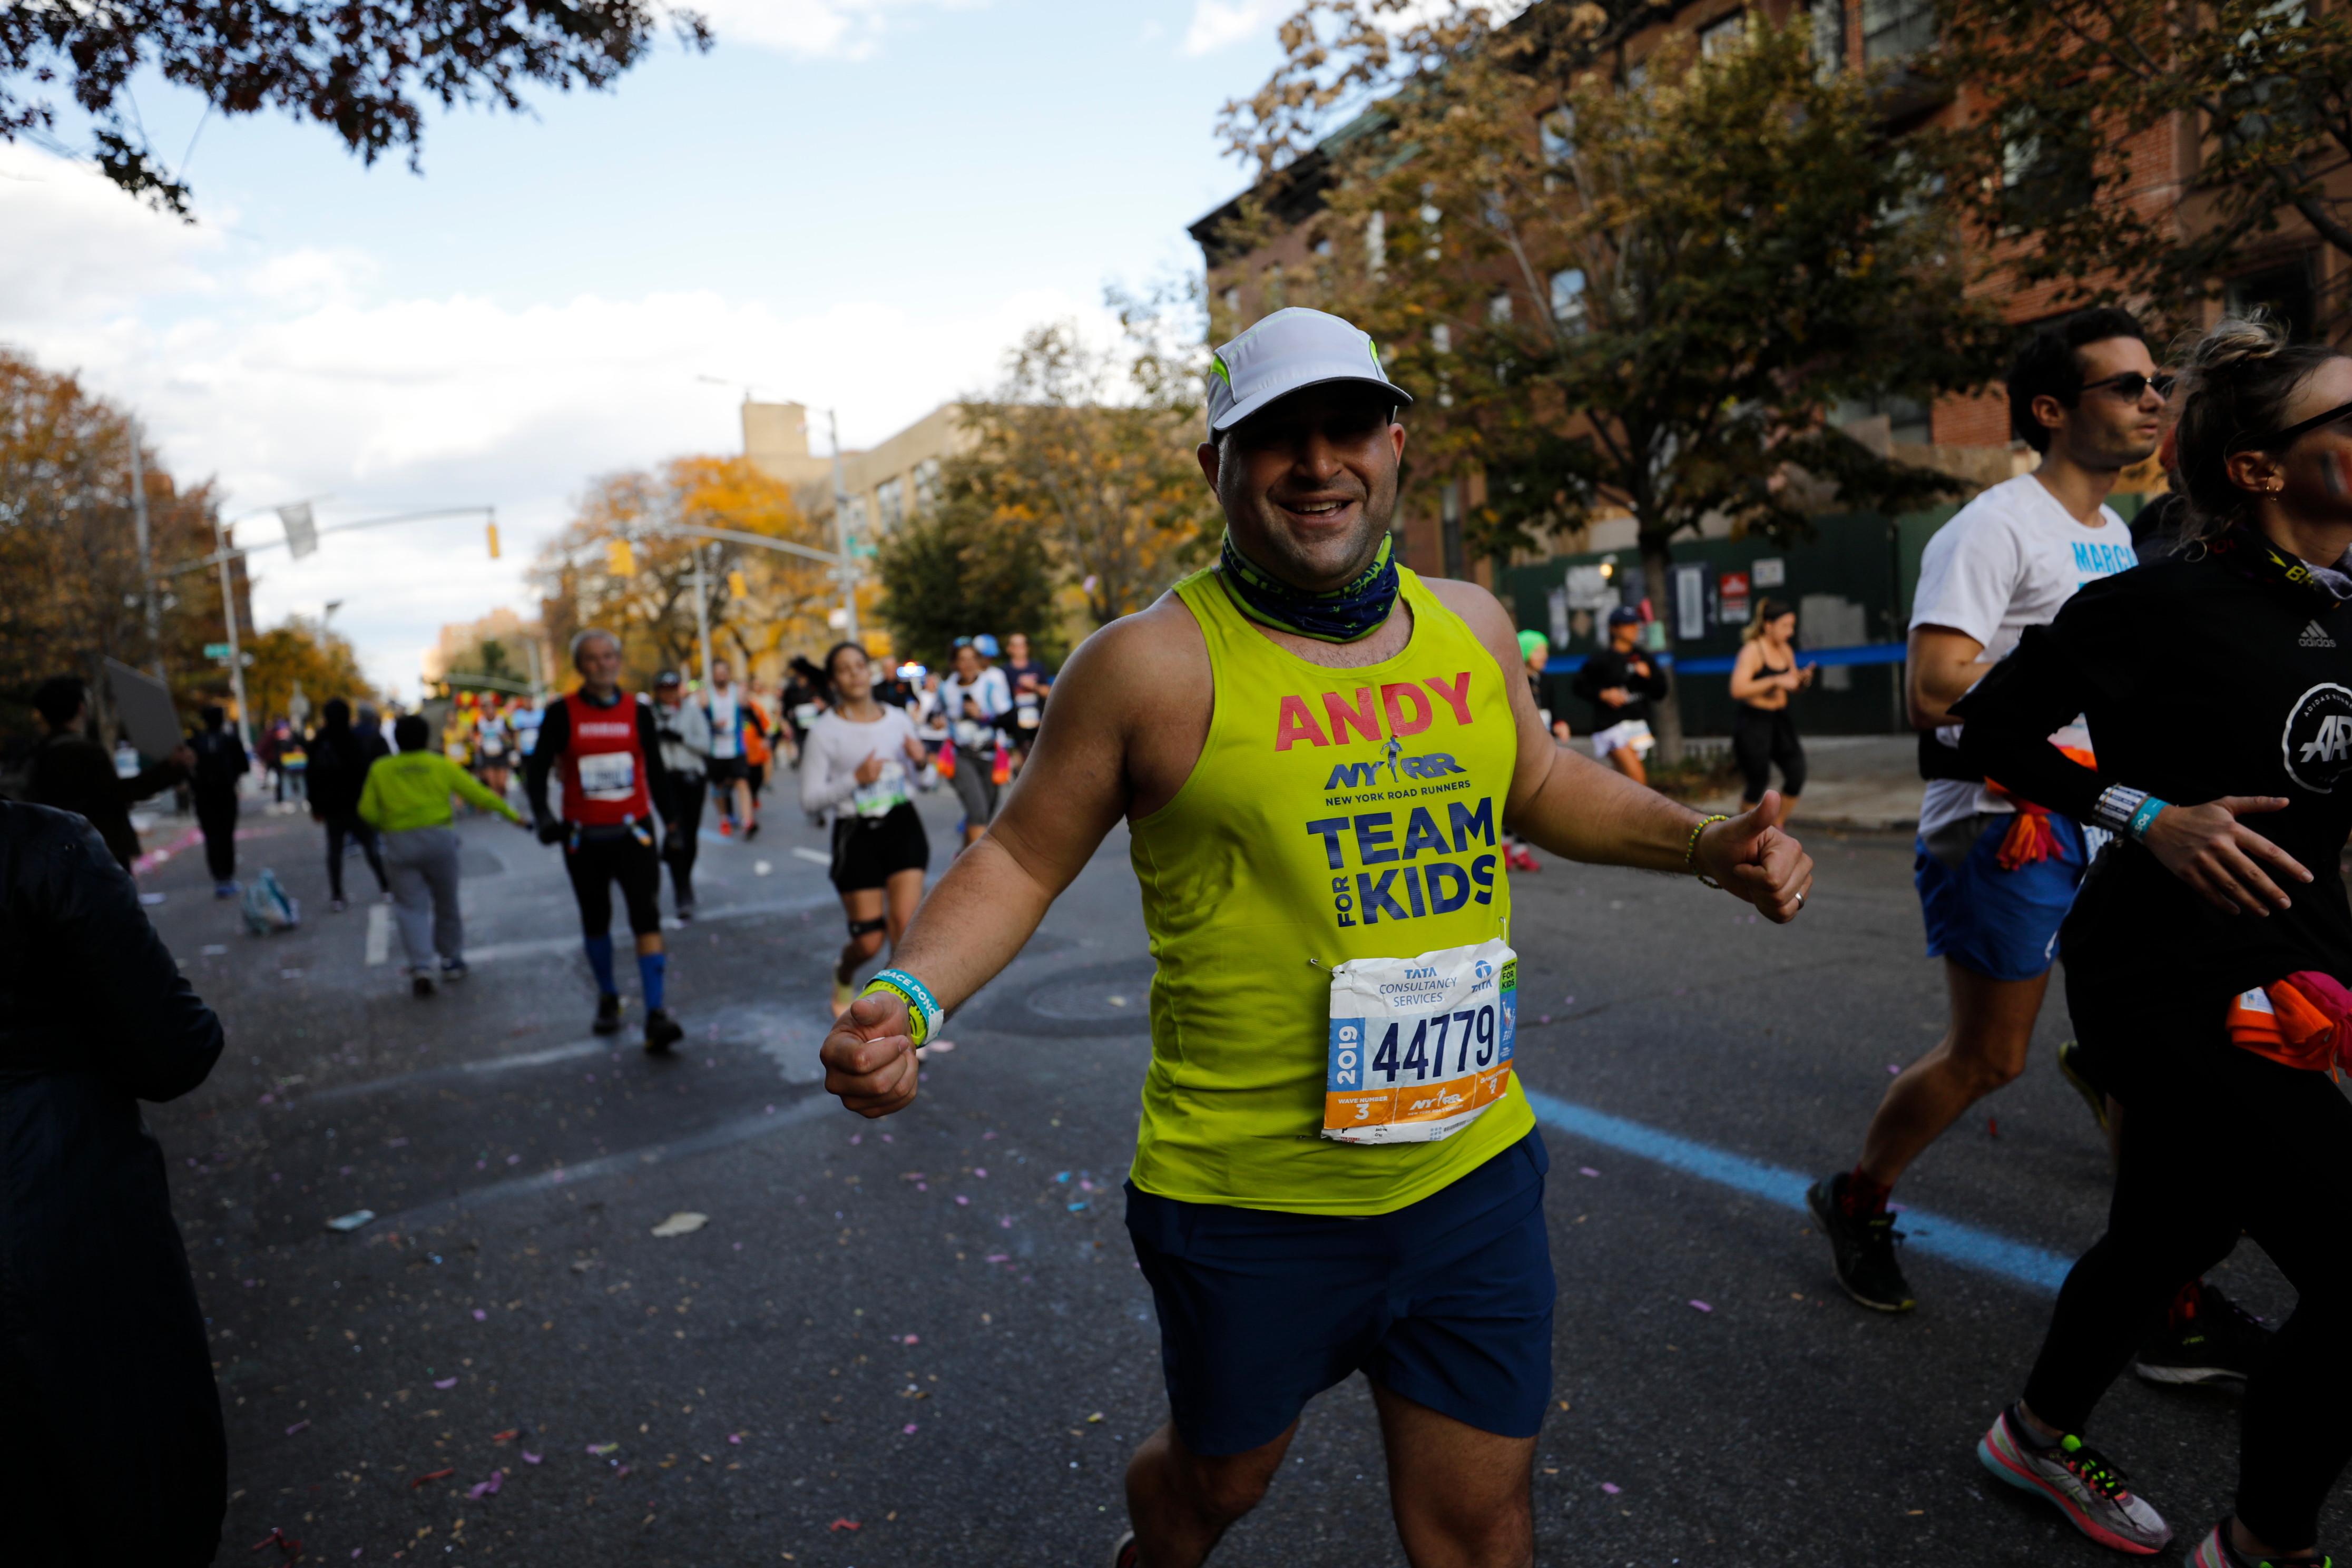 NYRR Team for Kids runner in 2019 TCS New York City Marathon